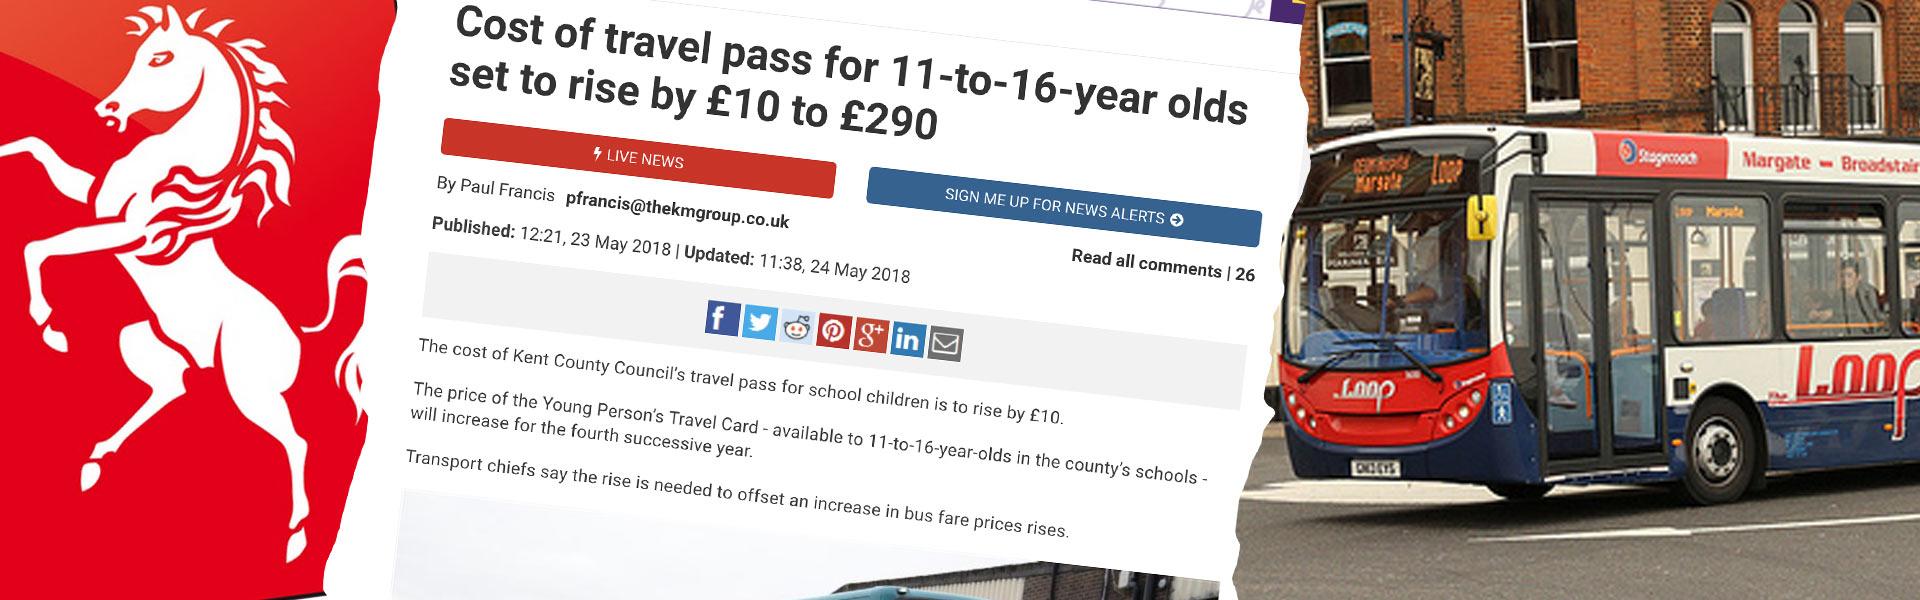 Kent bus pass story header image